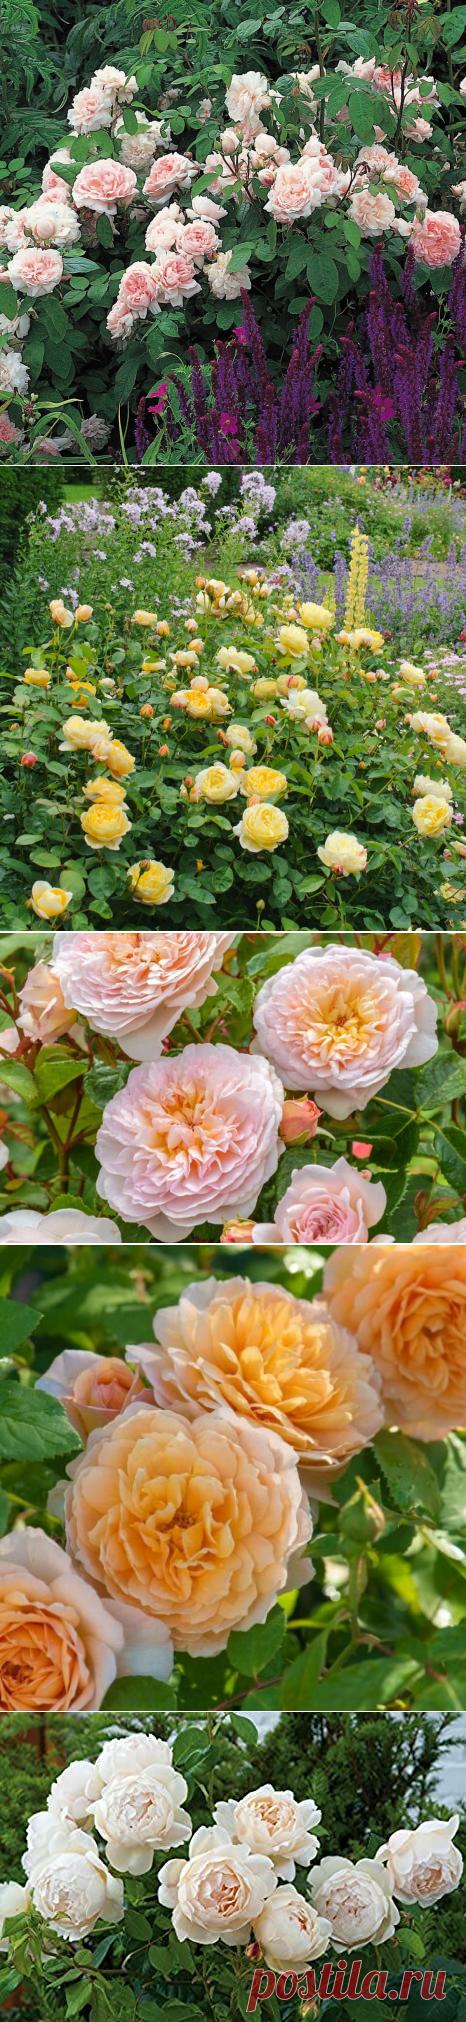 Пионовидные розы Дэвида Остина. Подборка очень красивых зимостойких сортов. | Растения от Катерины | Яндекс Дзен